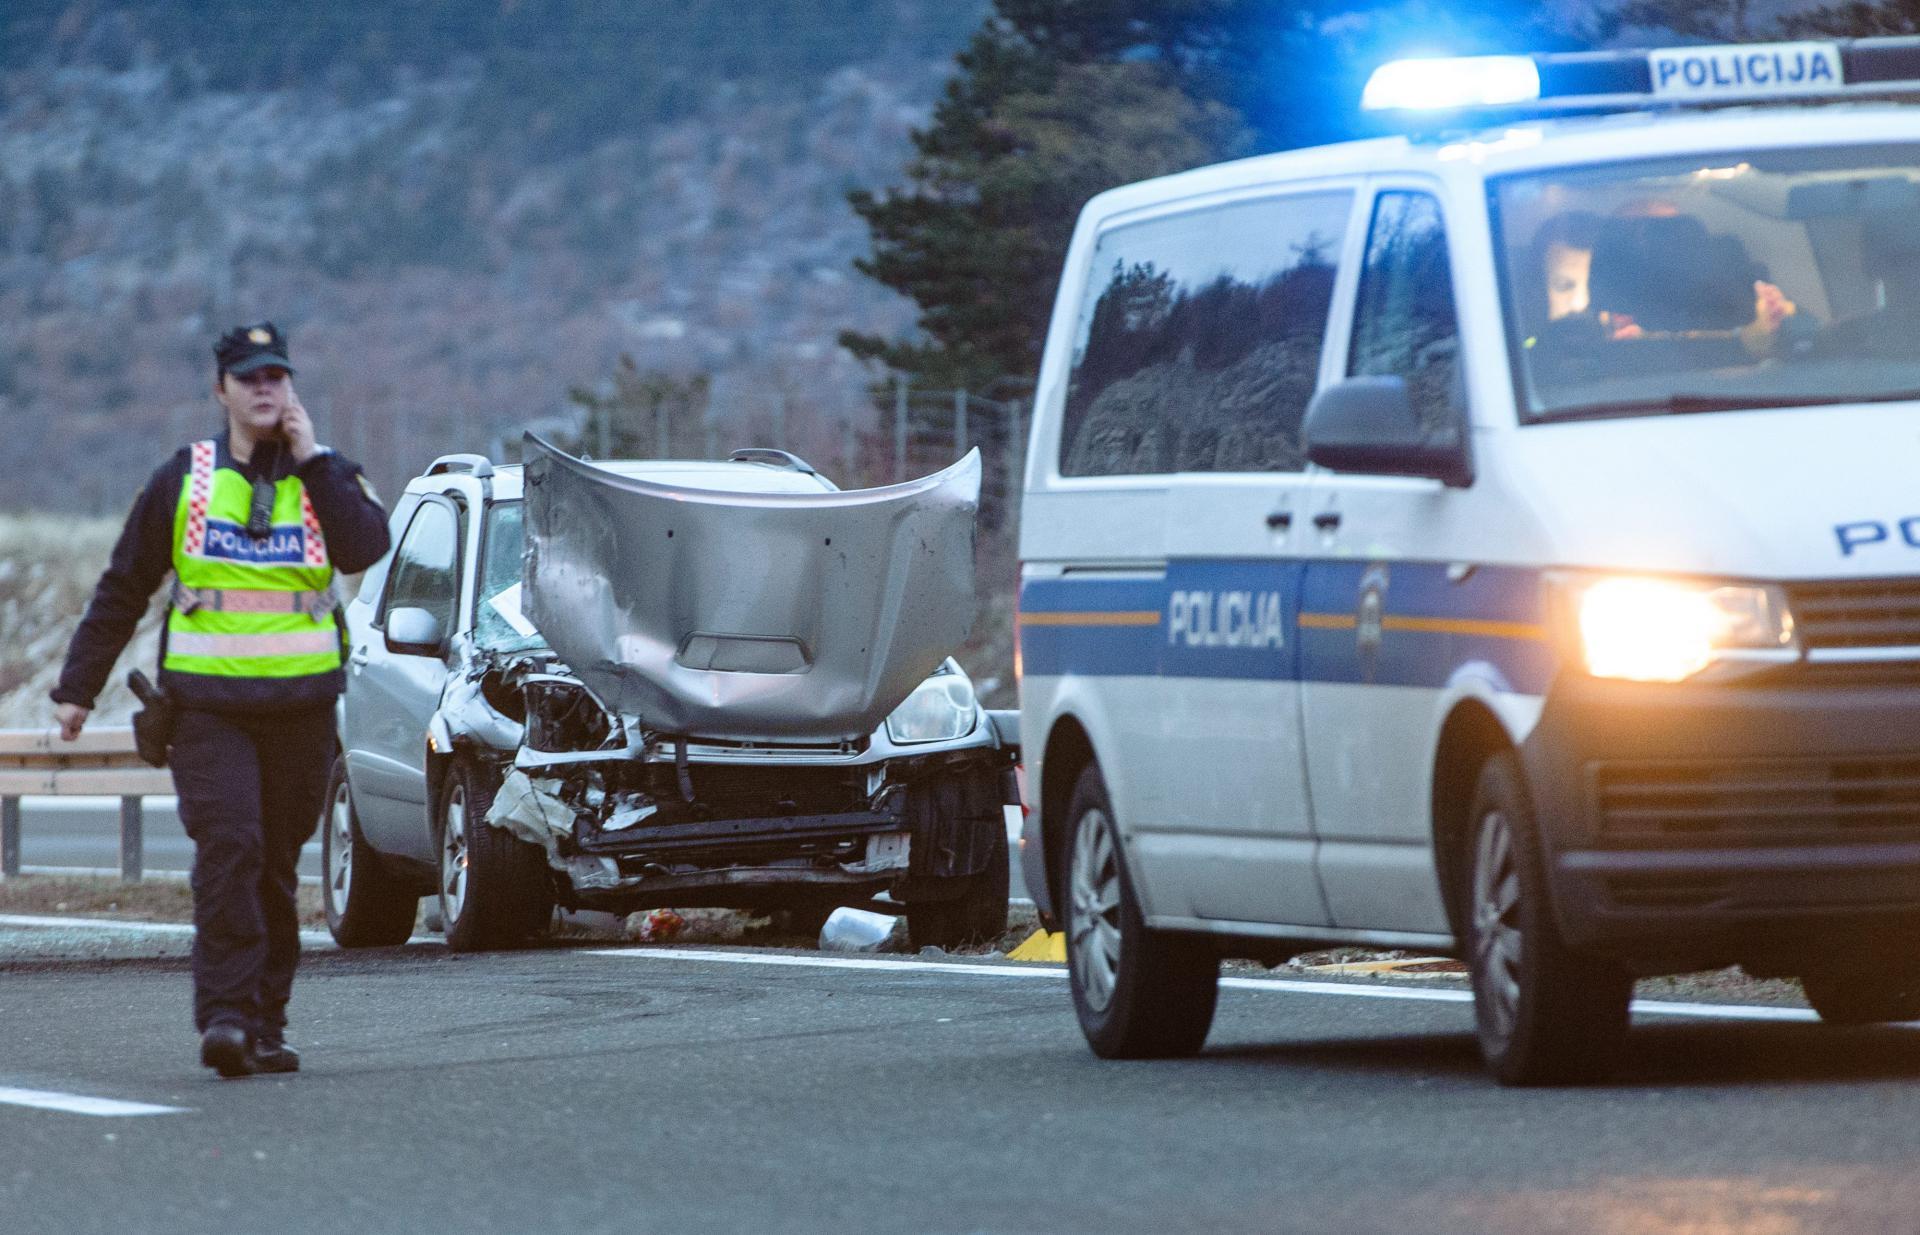 Stravična prometna nesreća na autocesti A1 u smjeru Karlovca: sudar kamiona i kombija, više osoba smrtno stradalo i ozlijeđeno